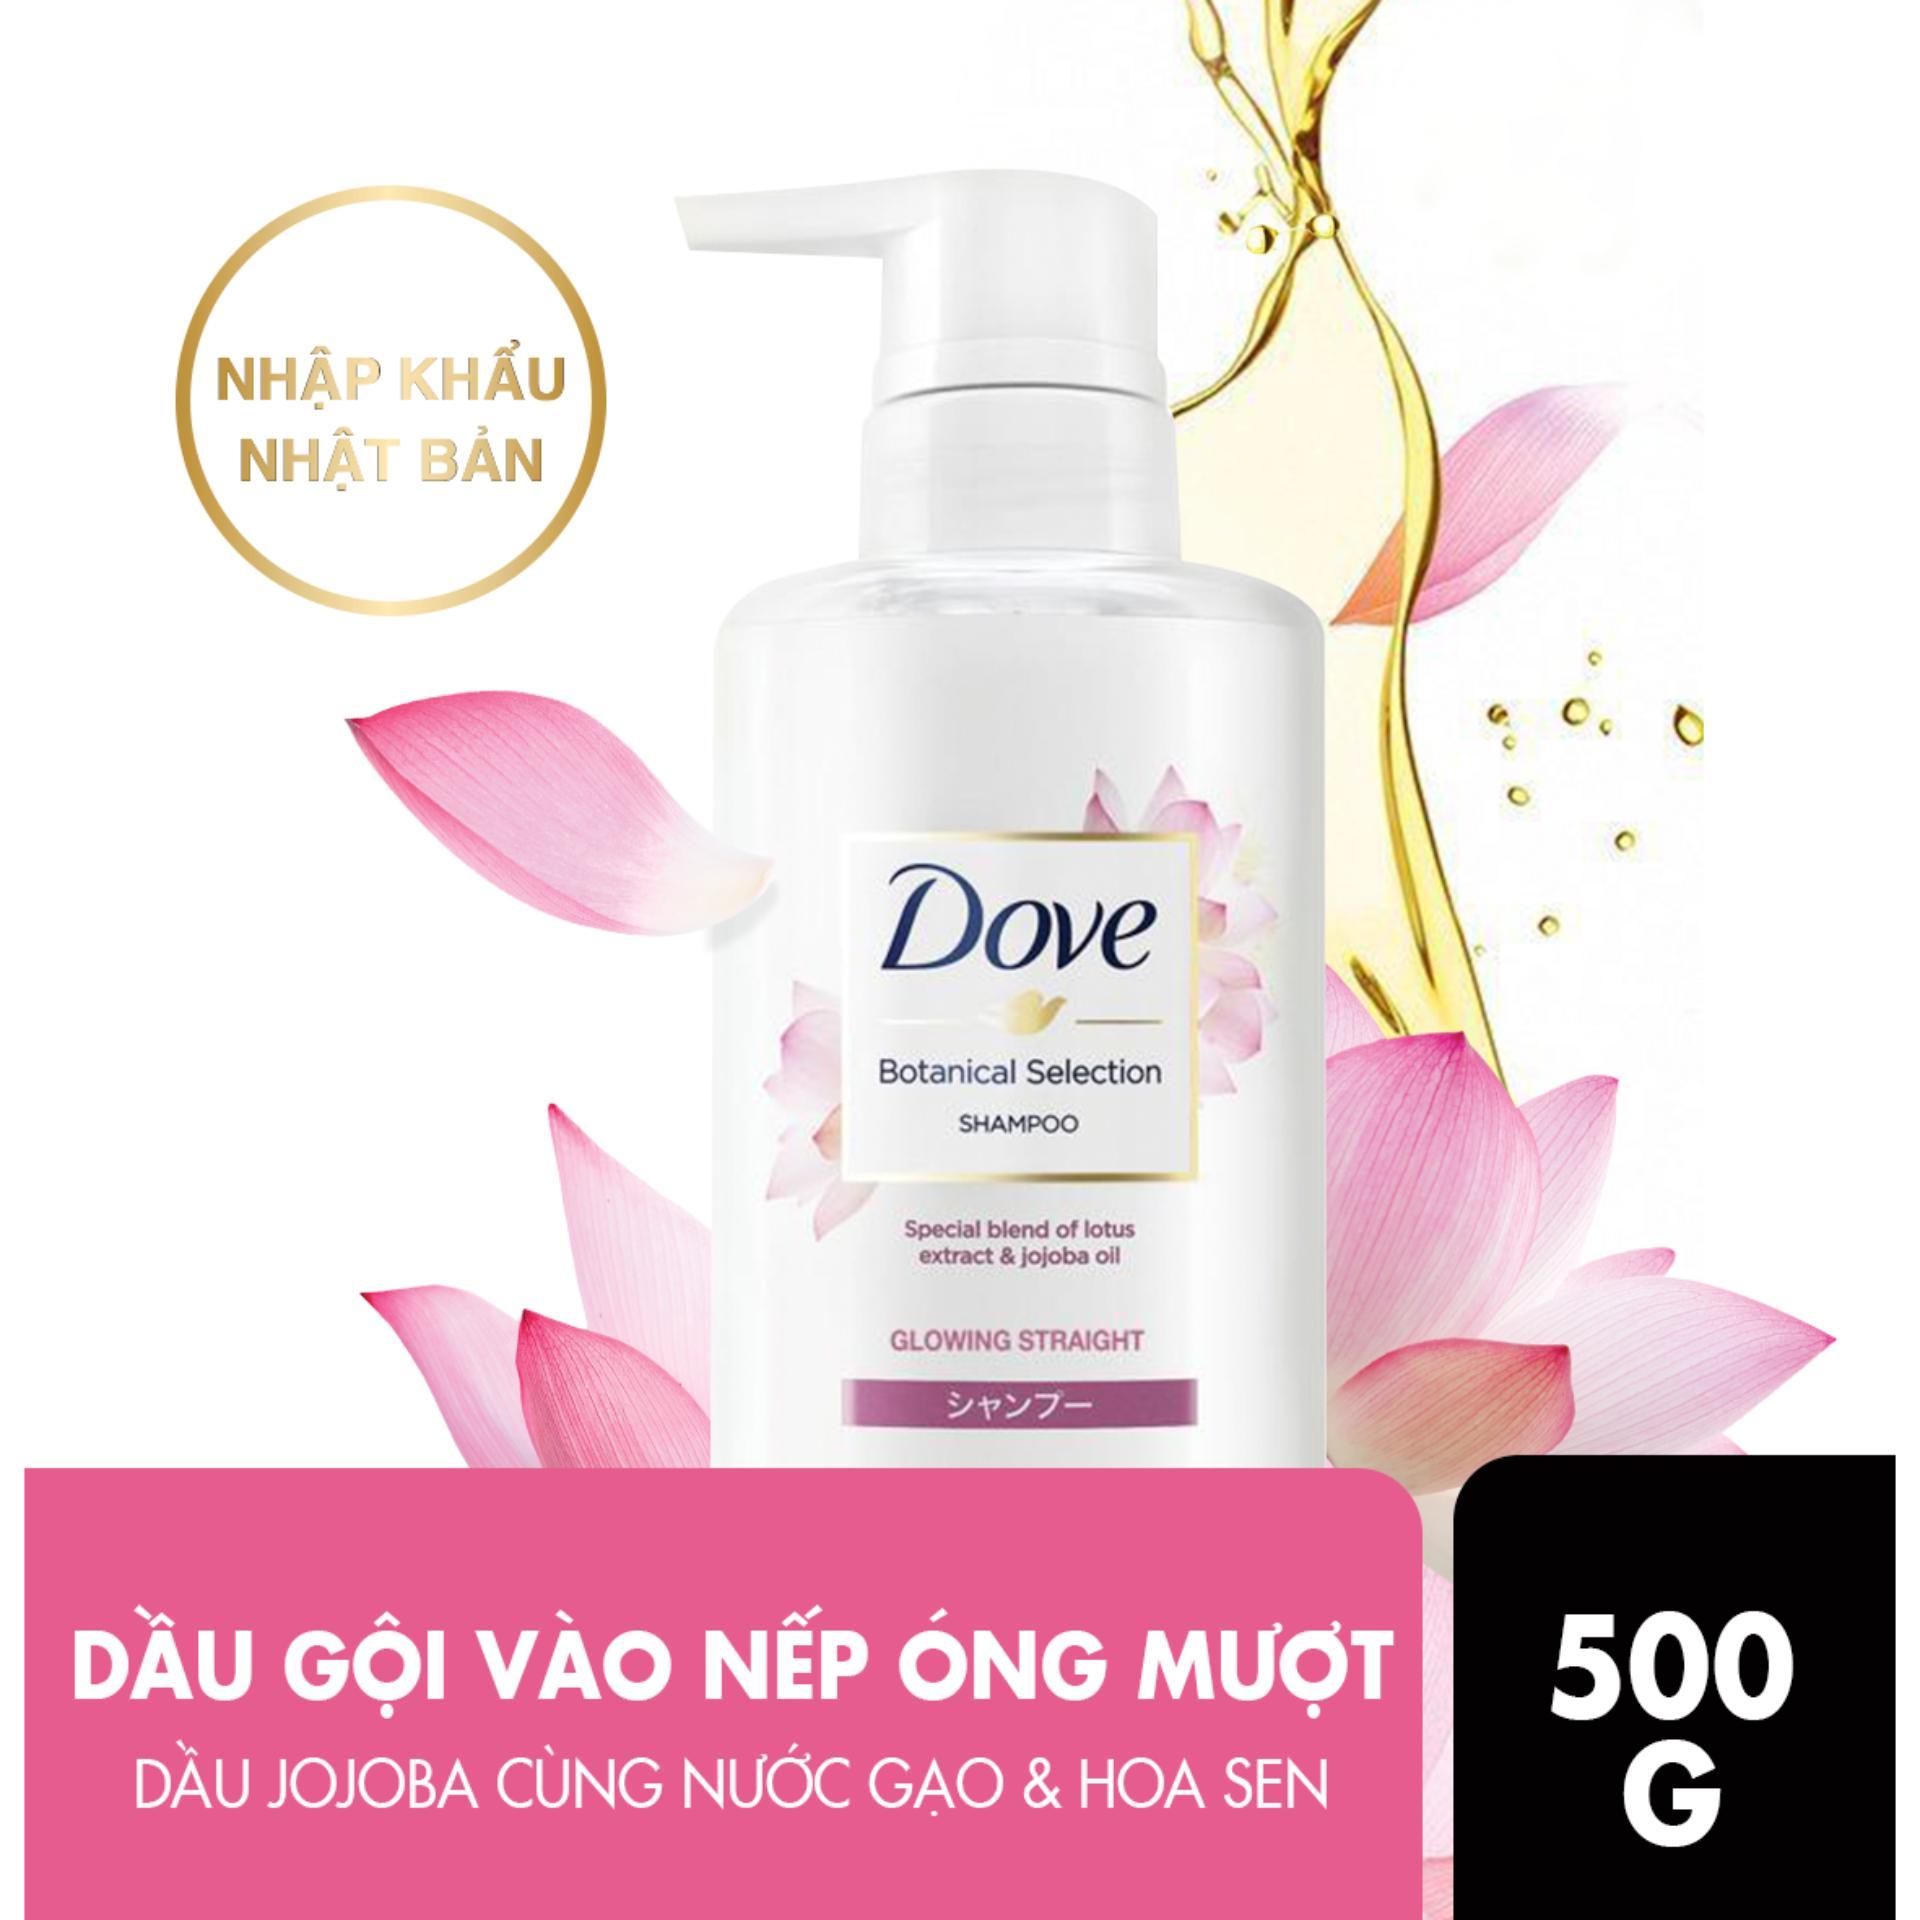 Dầu gội Dove giúp tóc bóng mượt hoa sen & dầu Jojoba Botanical Selection 500g tốt nhất